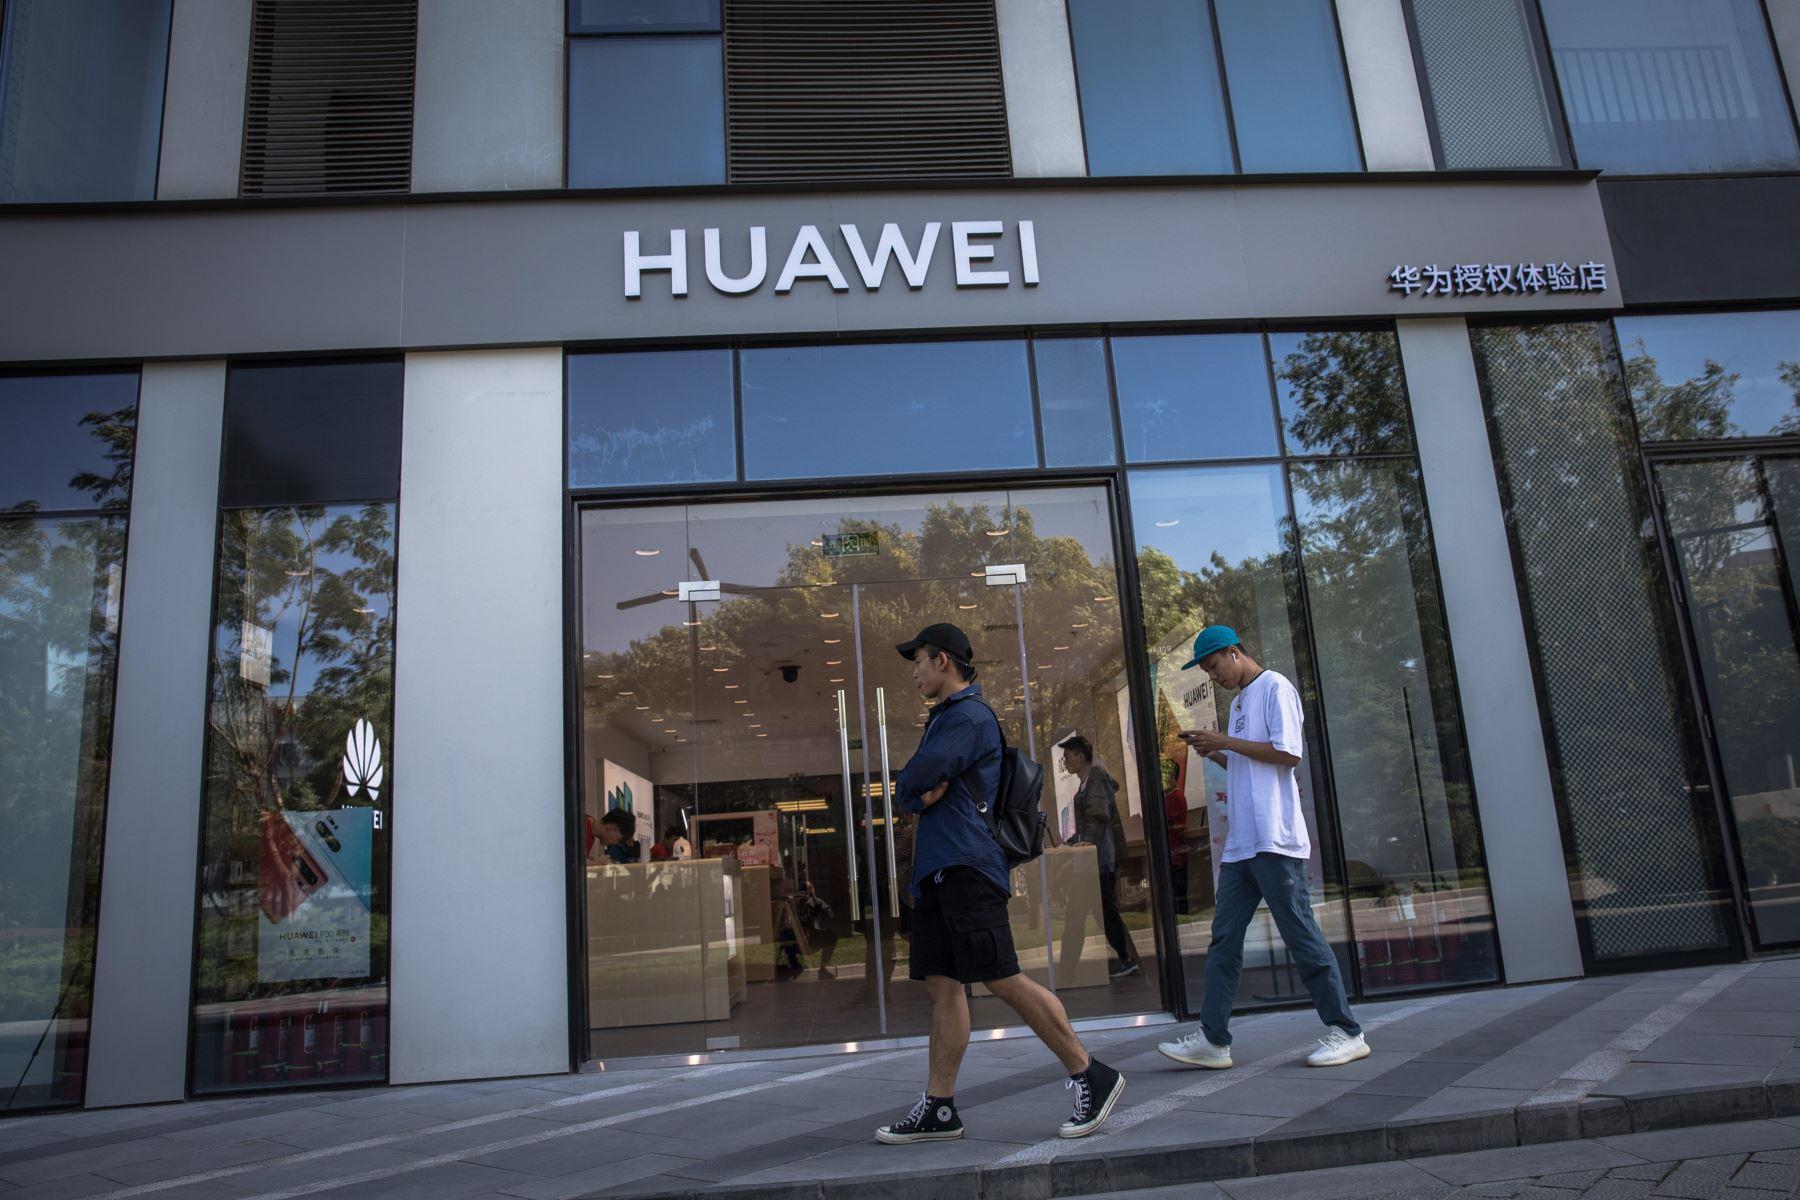 Varias personas caminan frente a una tienda de Huawei, este lunes en Pekín (China). El veto de Google y otras tecnológicas estadounidenses a Huawei podría frustrar la aspiración del fabricante chino de convertirse en breve en el mayor fabricante de móviles del mundo. Foto: EFE